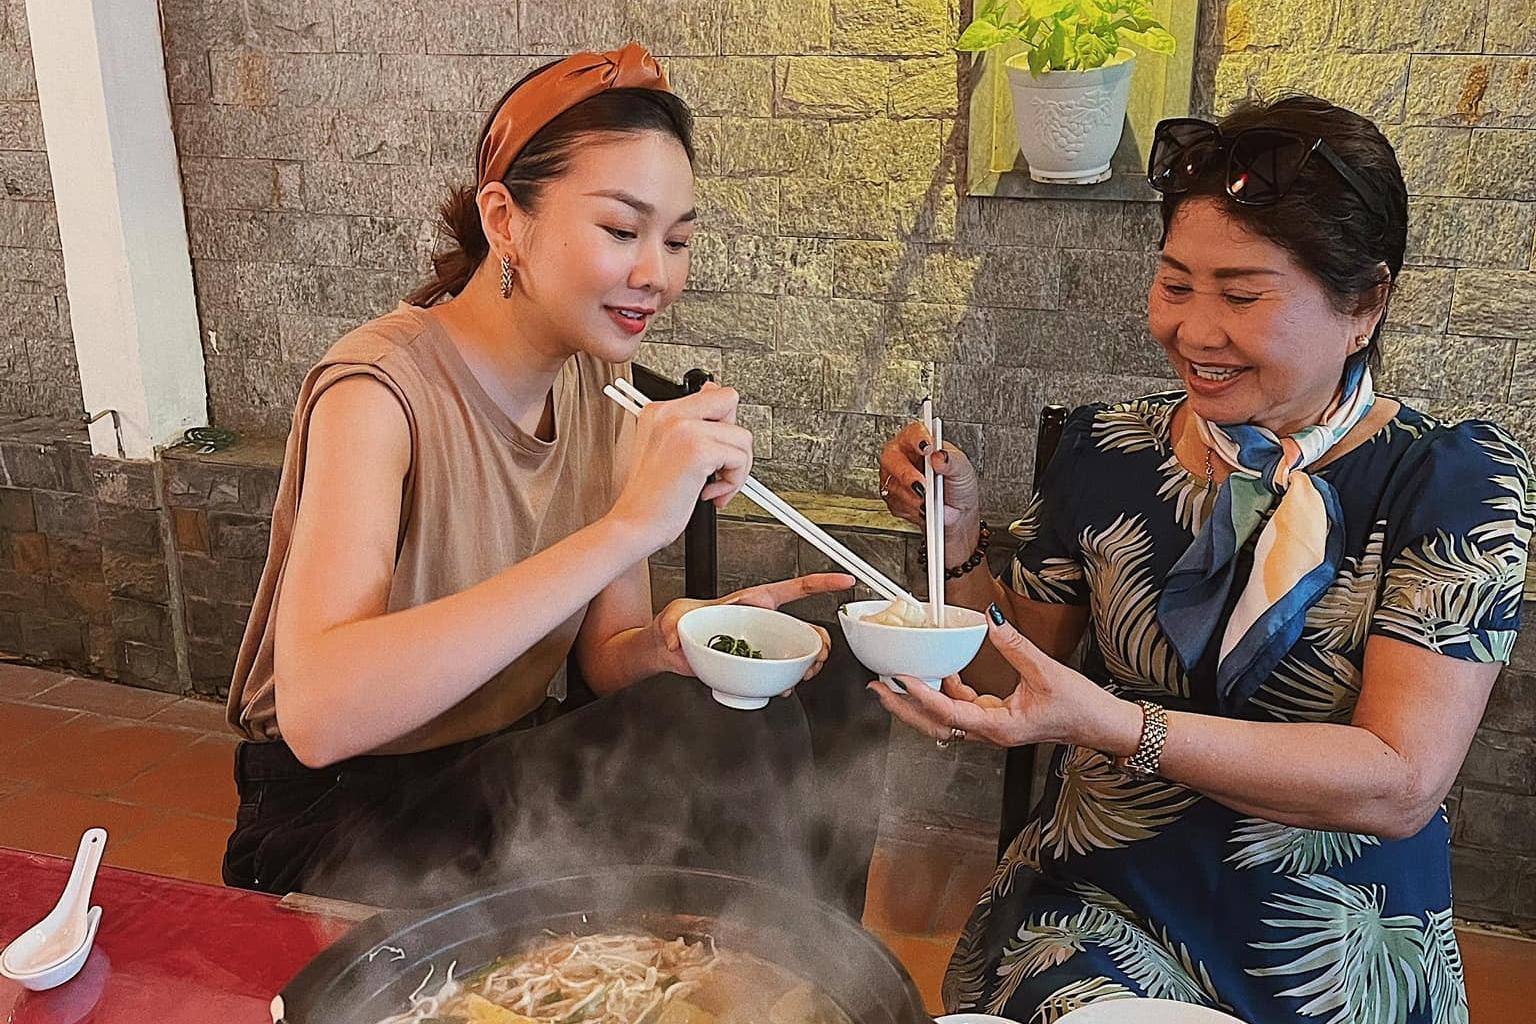 Thanh Hằng thường xuyên dẫn mẹ đi ăn ở nhiều nhà hàng ngon. Dù vậy, bà Hồng vẫn yêu nhất những món ăn Việt Nam truyền thống.